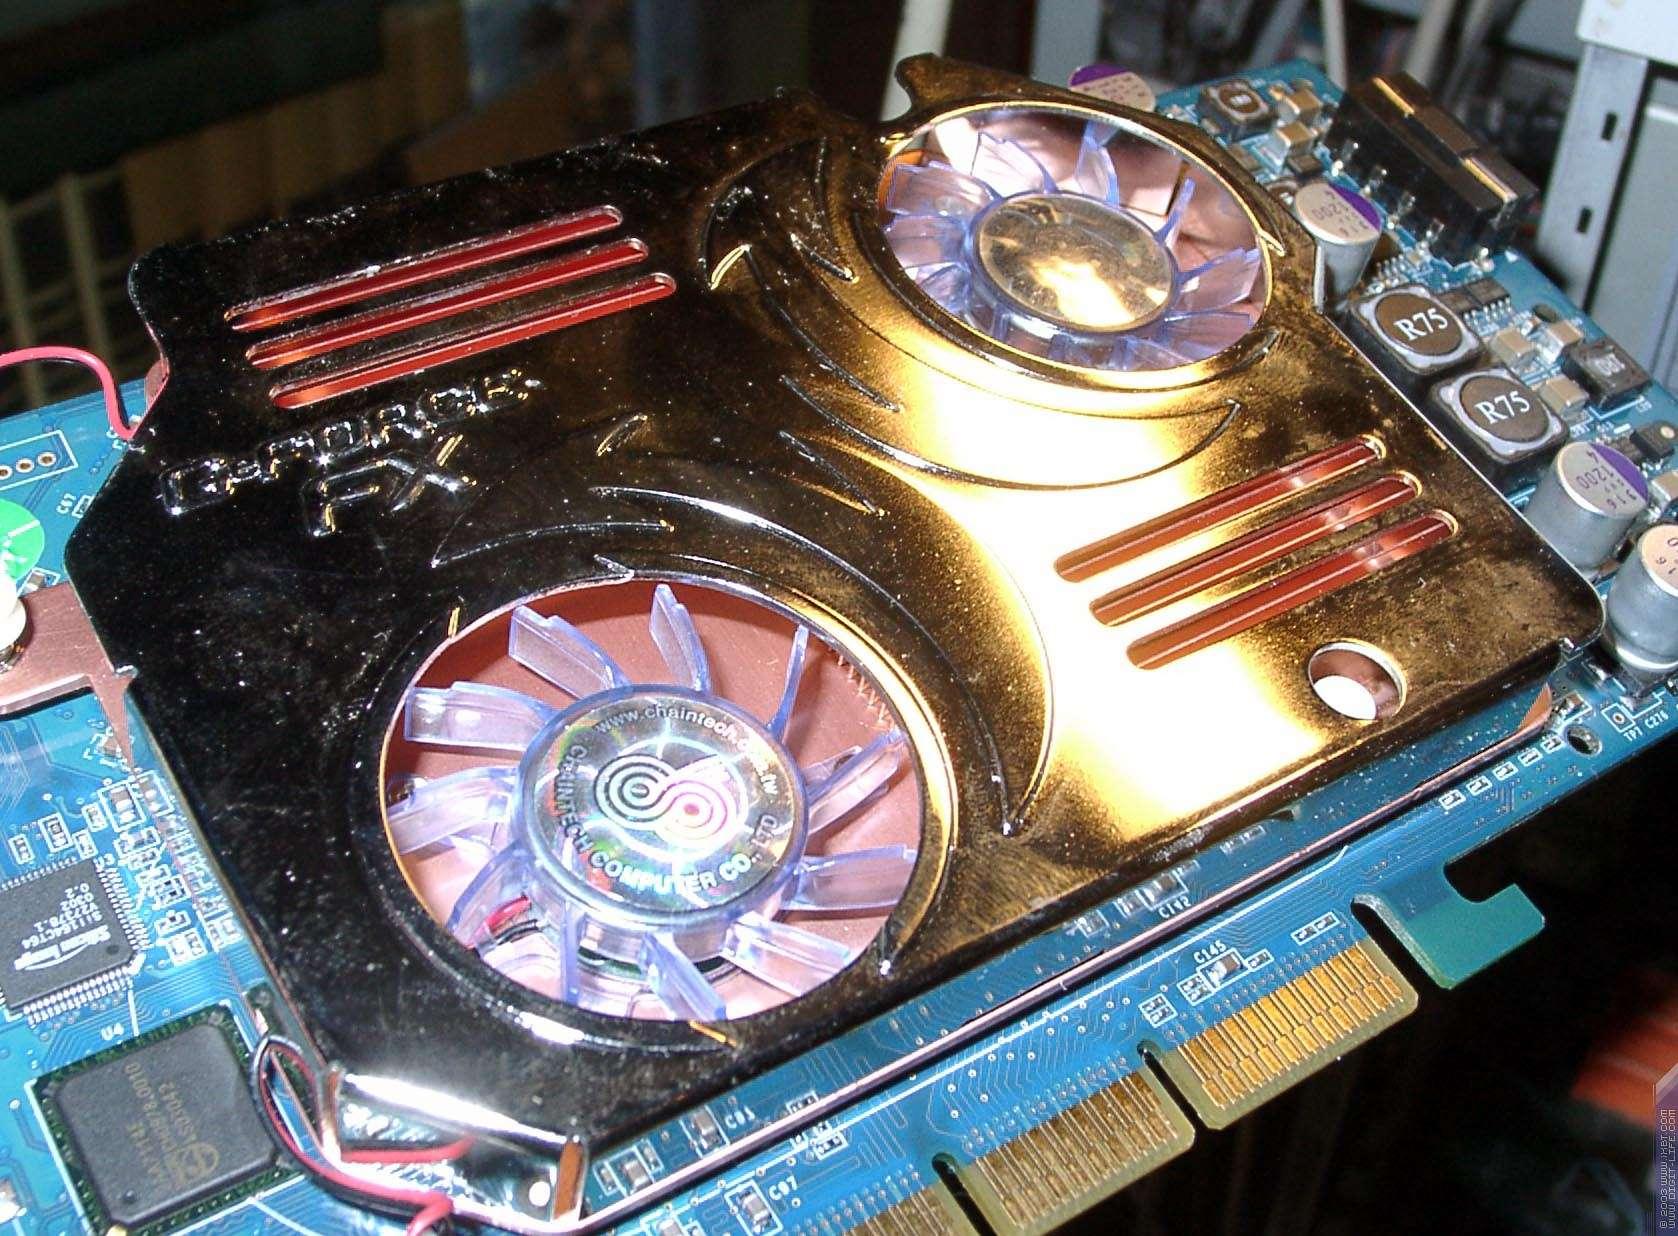 схема охлаждения видеокарты fx 5200